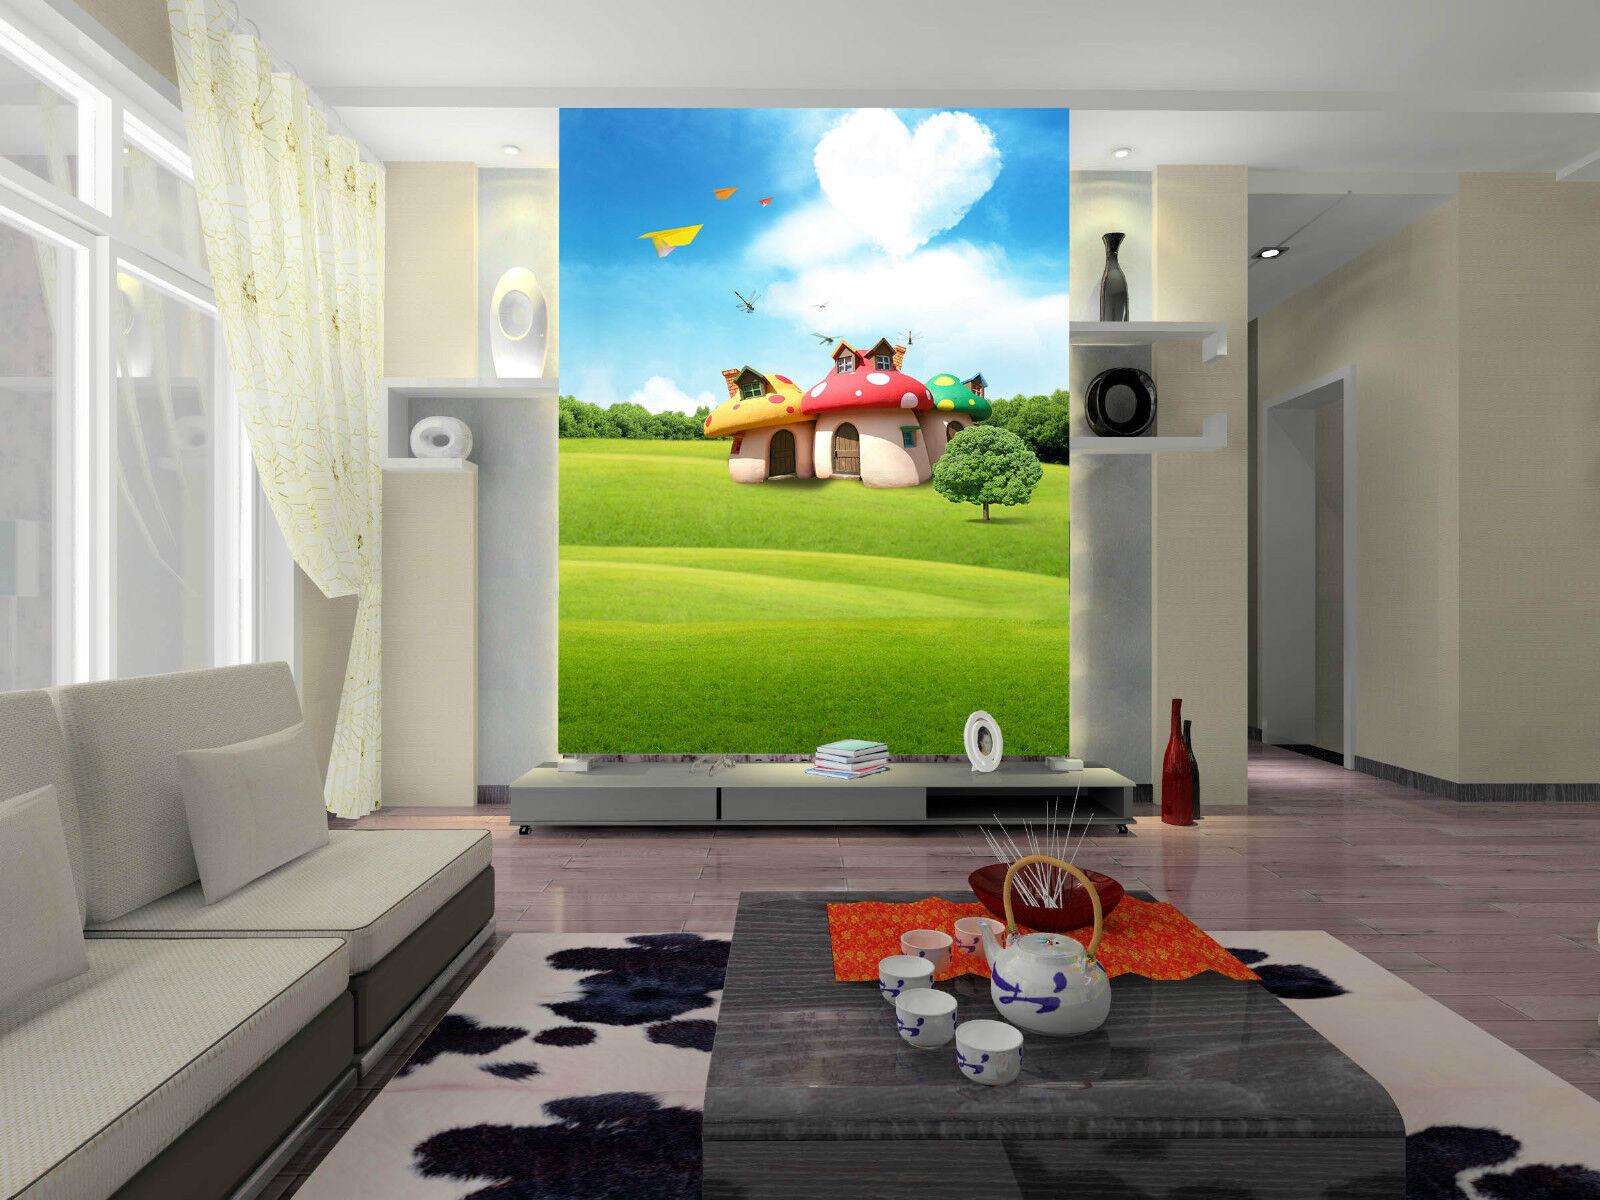 3D Die WIESE ein Haus 15223 Fototapeten Wandbild Fototapete BildTapete Familie